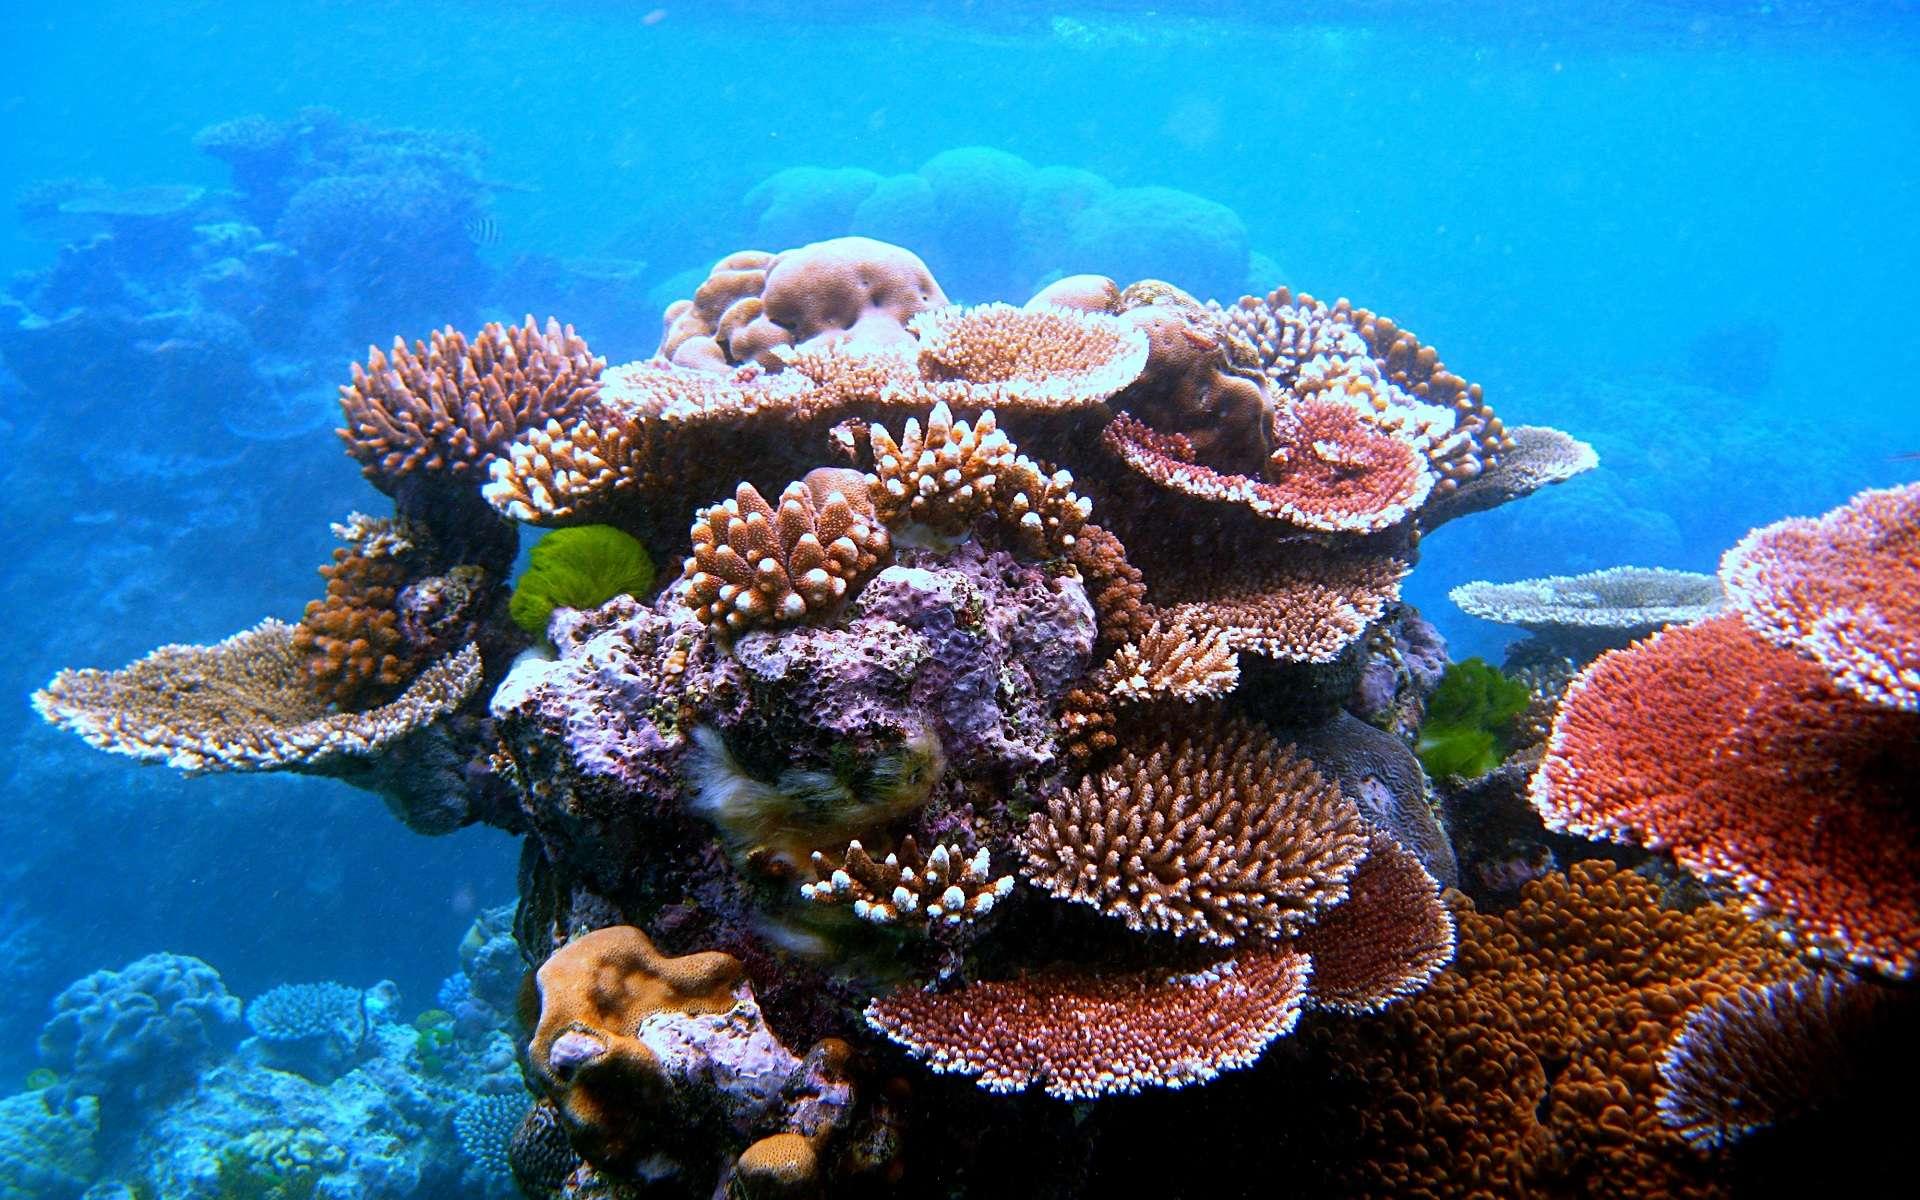 Le corail vit en colonie, fixé sur un support. © Toby Hudson, Wikipedia, CC by-sa 3.0